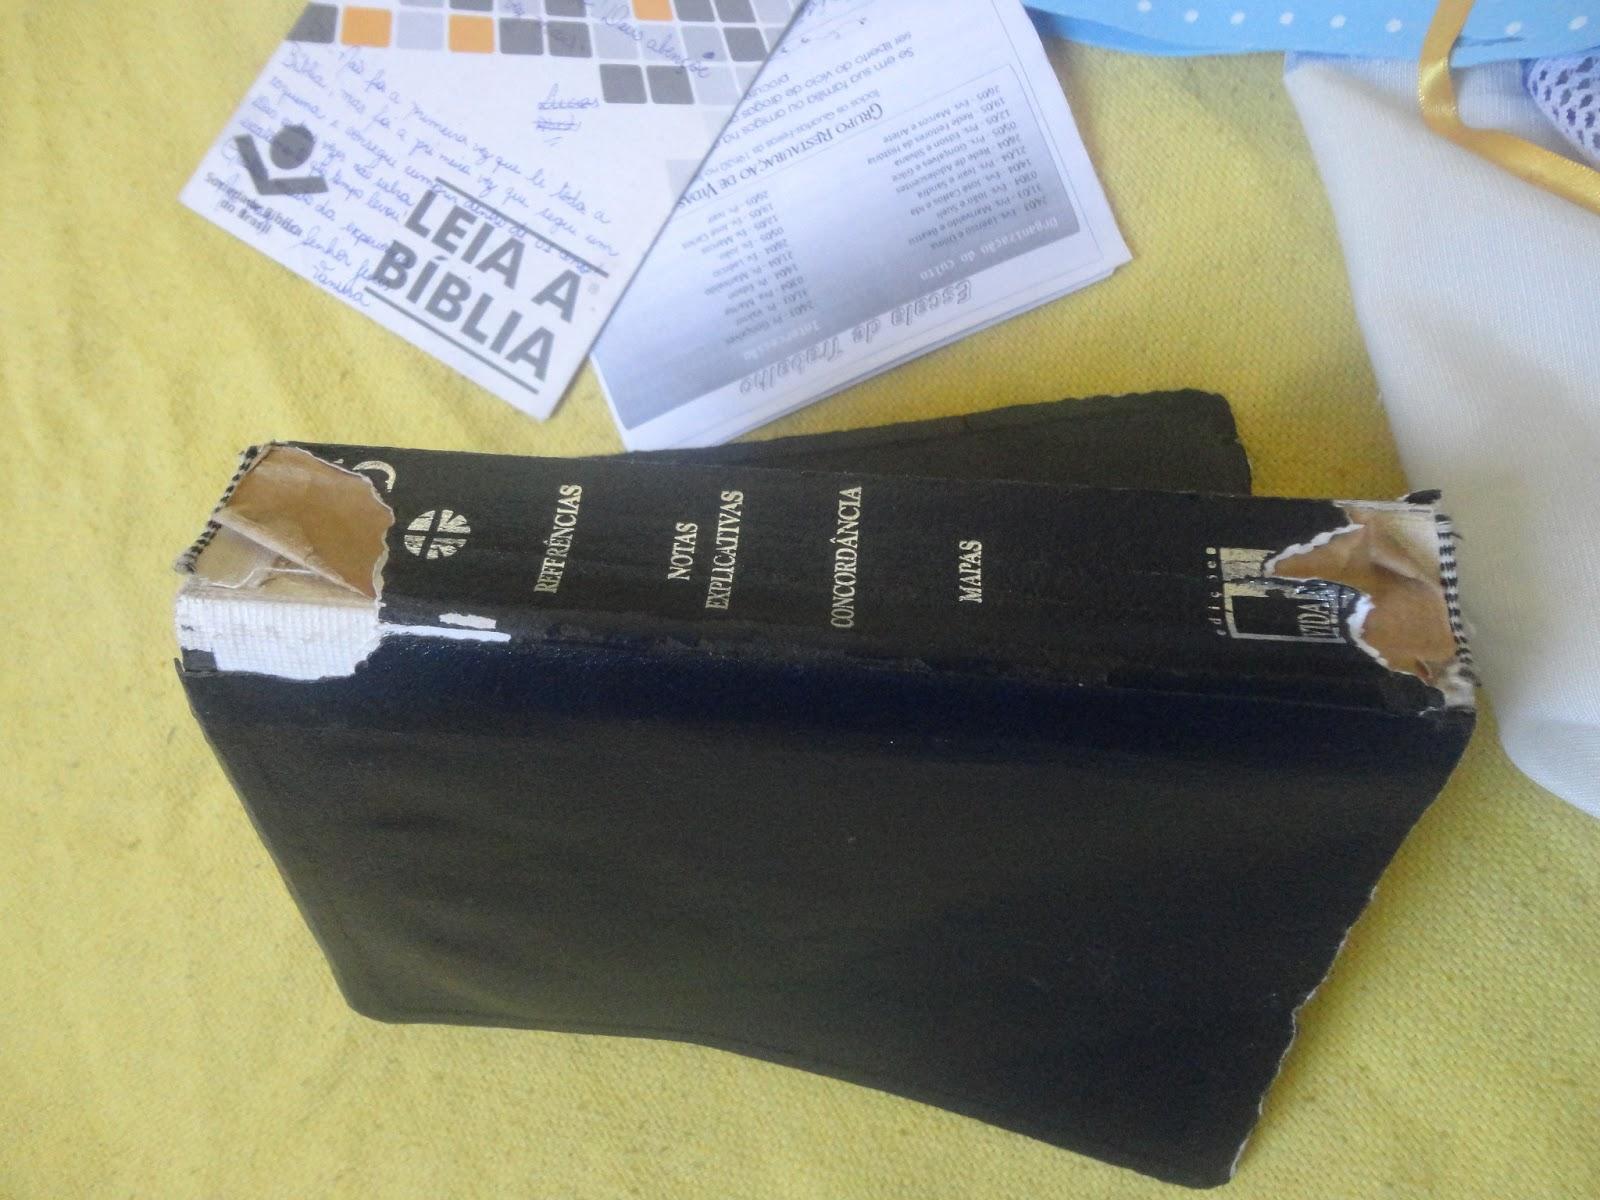 Proseando: E por falar em Restauração Como reformar sua Bíblia #2F619C 1600x1200